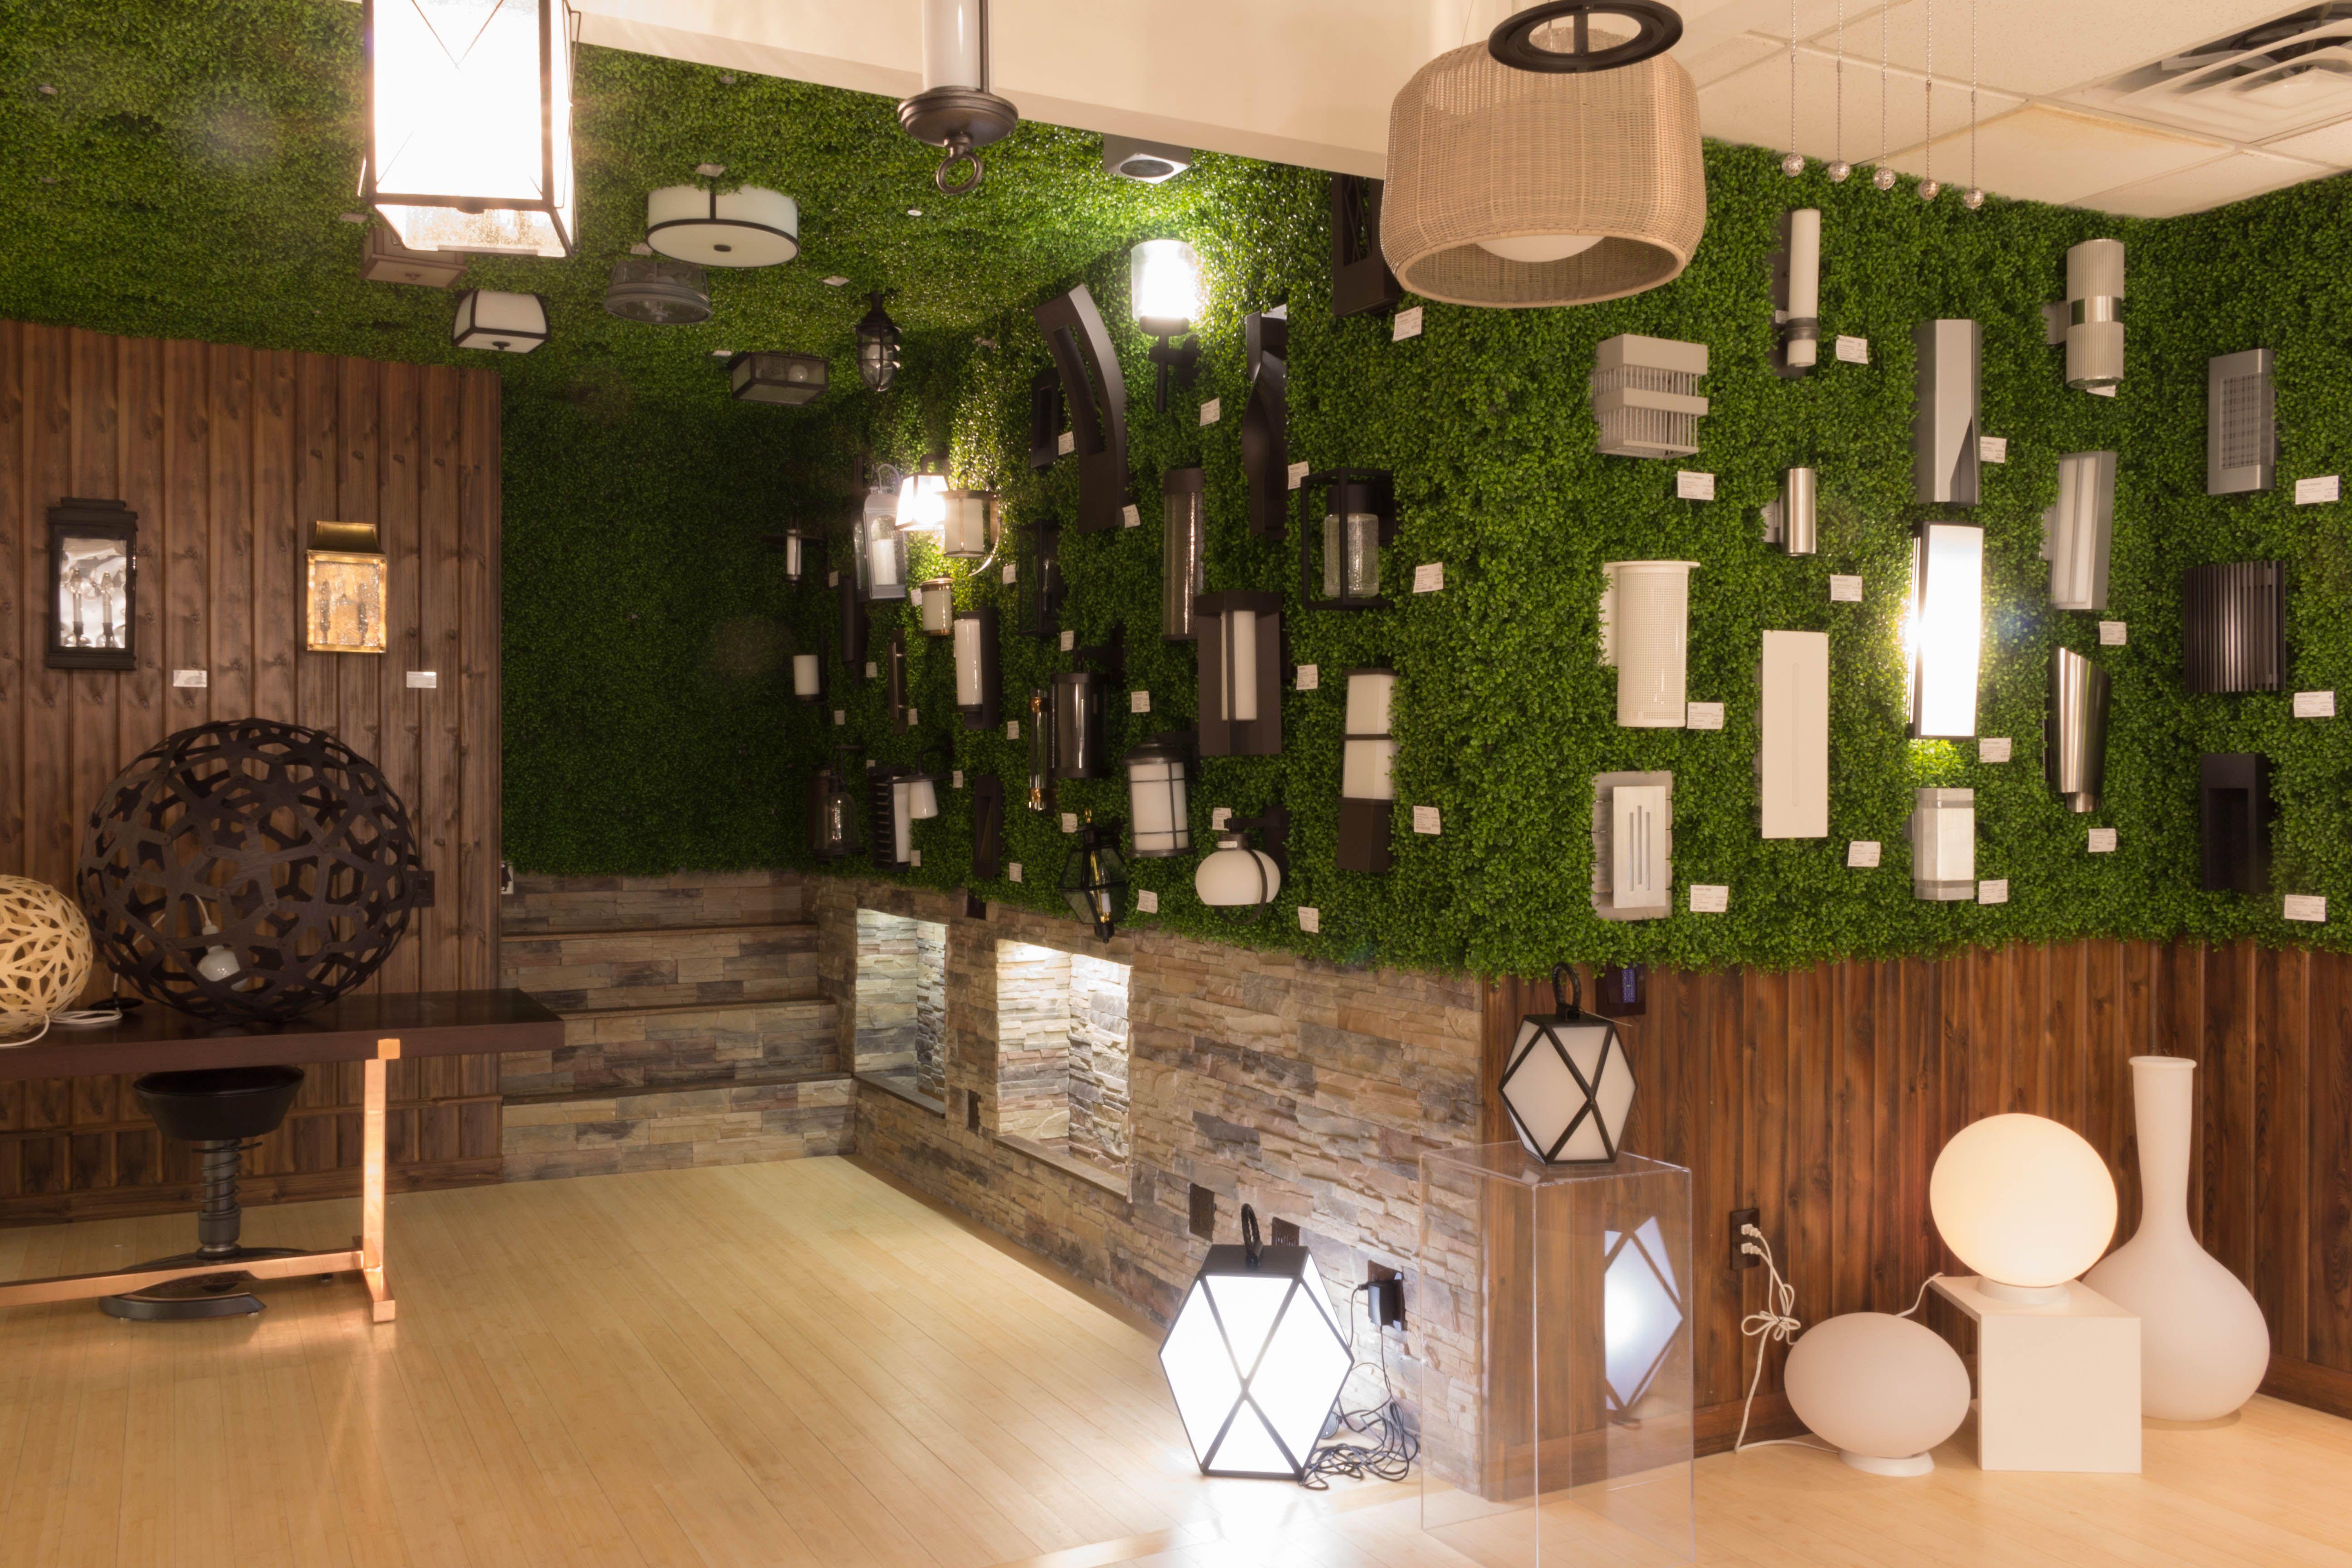 Indoor Garden Lighting Part - 50: Our New Indoor Outdoor Lighting Display